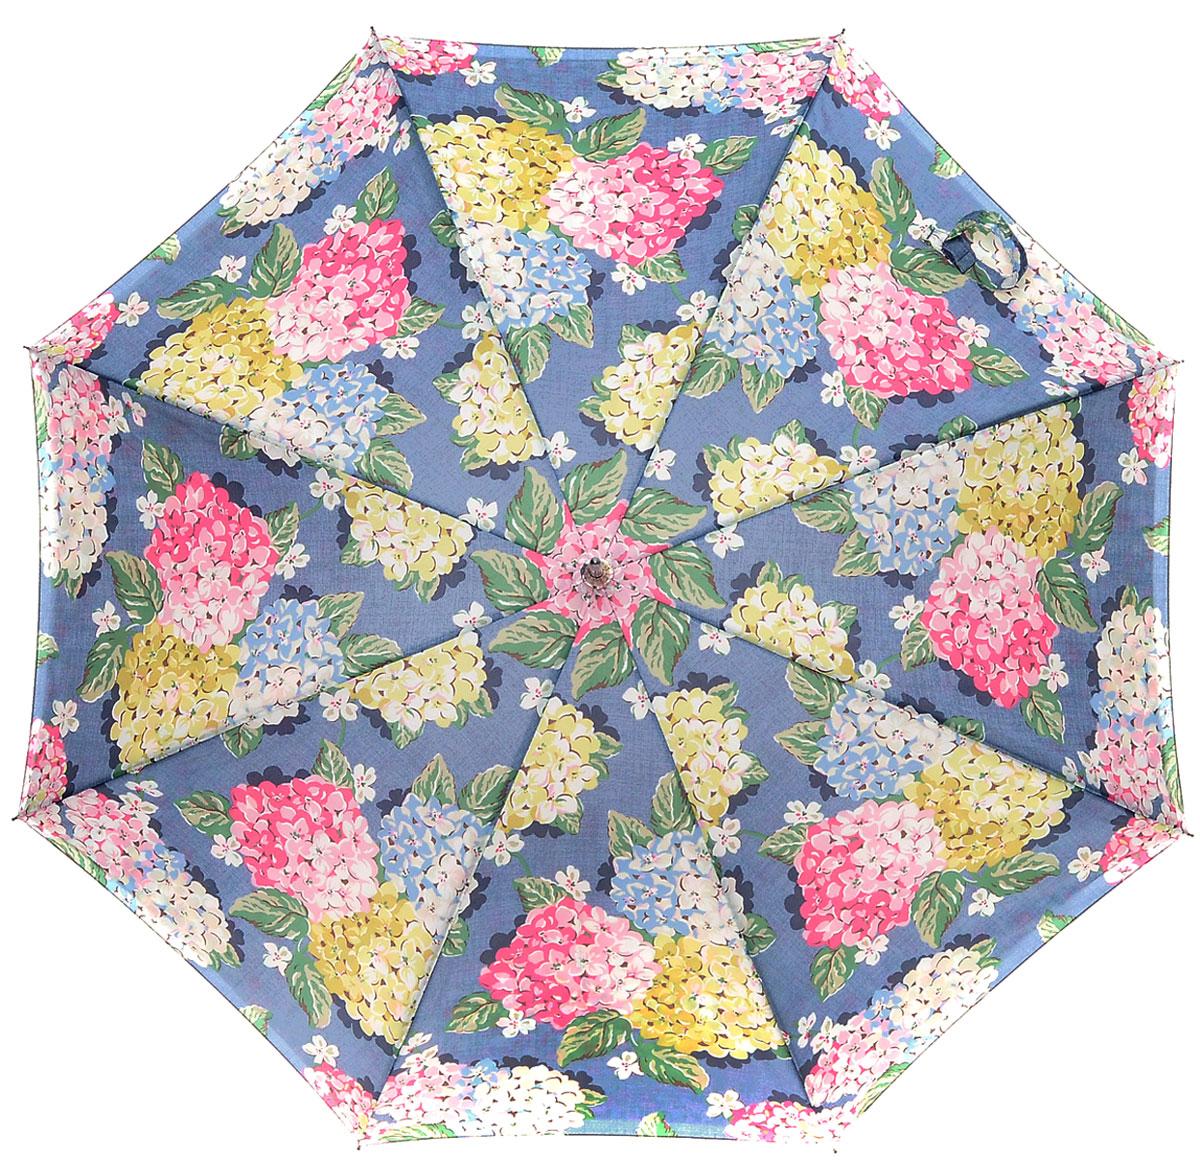 Зонт-трость женский Cath Kidston Bloomsbury, полуавтомат, цвет: мультиколор. L778-3144L778-3144 HydrangeaМодный полуавтоматический зонт-трость Cath Kidston Bloomsbury даже в ненастную погоду позволит вам оставаться стильной и элегантной. Каркас зонта включает 8 спиц из фибергласса. Стержень изготовлен из стали. Особенностью этого зонта является наличие двойного купола, выполненного из прочного полиэстера. Верхний купол оформлен крупным цветочным принтом, нижний, скрывающий спицы, - мелким. Изделие дополнено удобной пластиковой рукояткой с каучуковым покрытием. Зонт оснащен полуавтоматическим механизмом: купол открывается нажатием на кнопку около ручки и закрывается вручную до характерного щелчка. Модель застегивается с помощью хлястика на липучку. Такой зонт не только надежно защитит вас от дождя, но и станет стильным аксессуаром, который идеально подчеркнет ваш неповторимый образ.